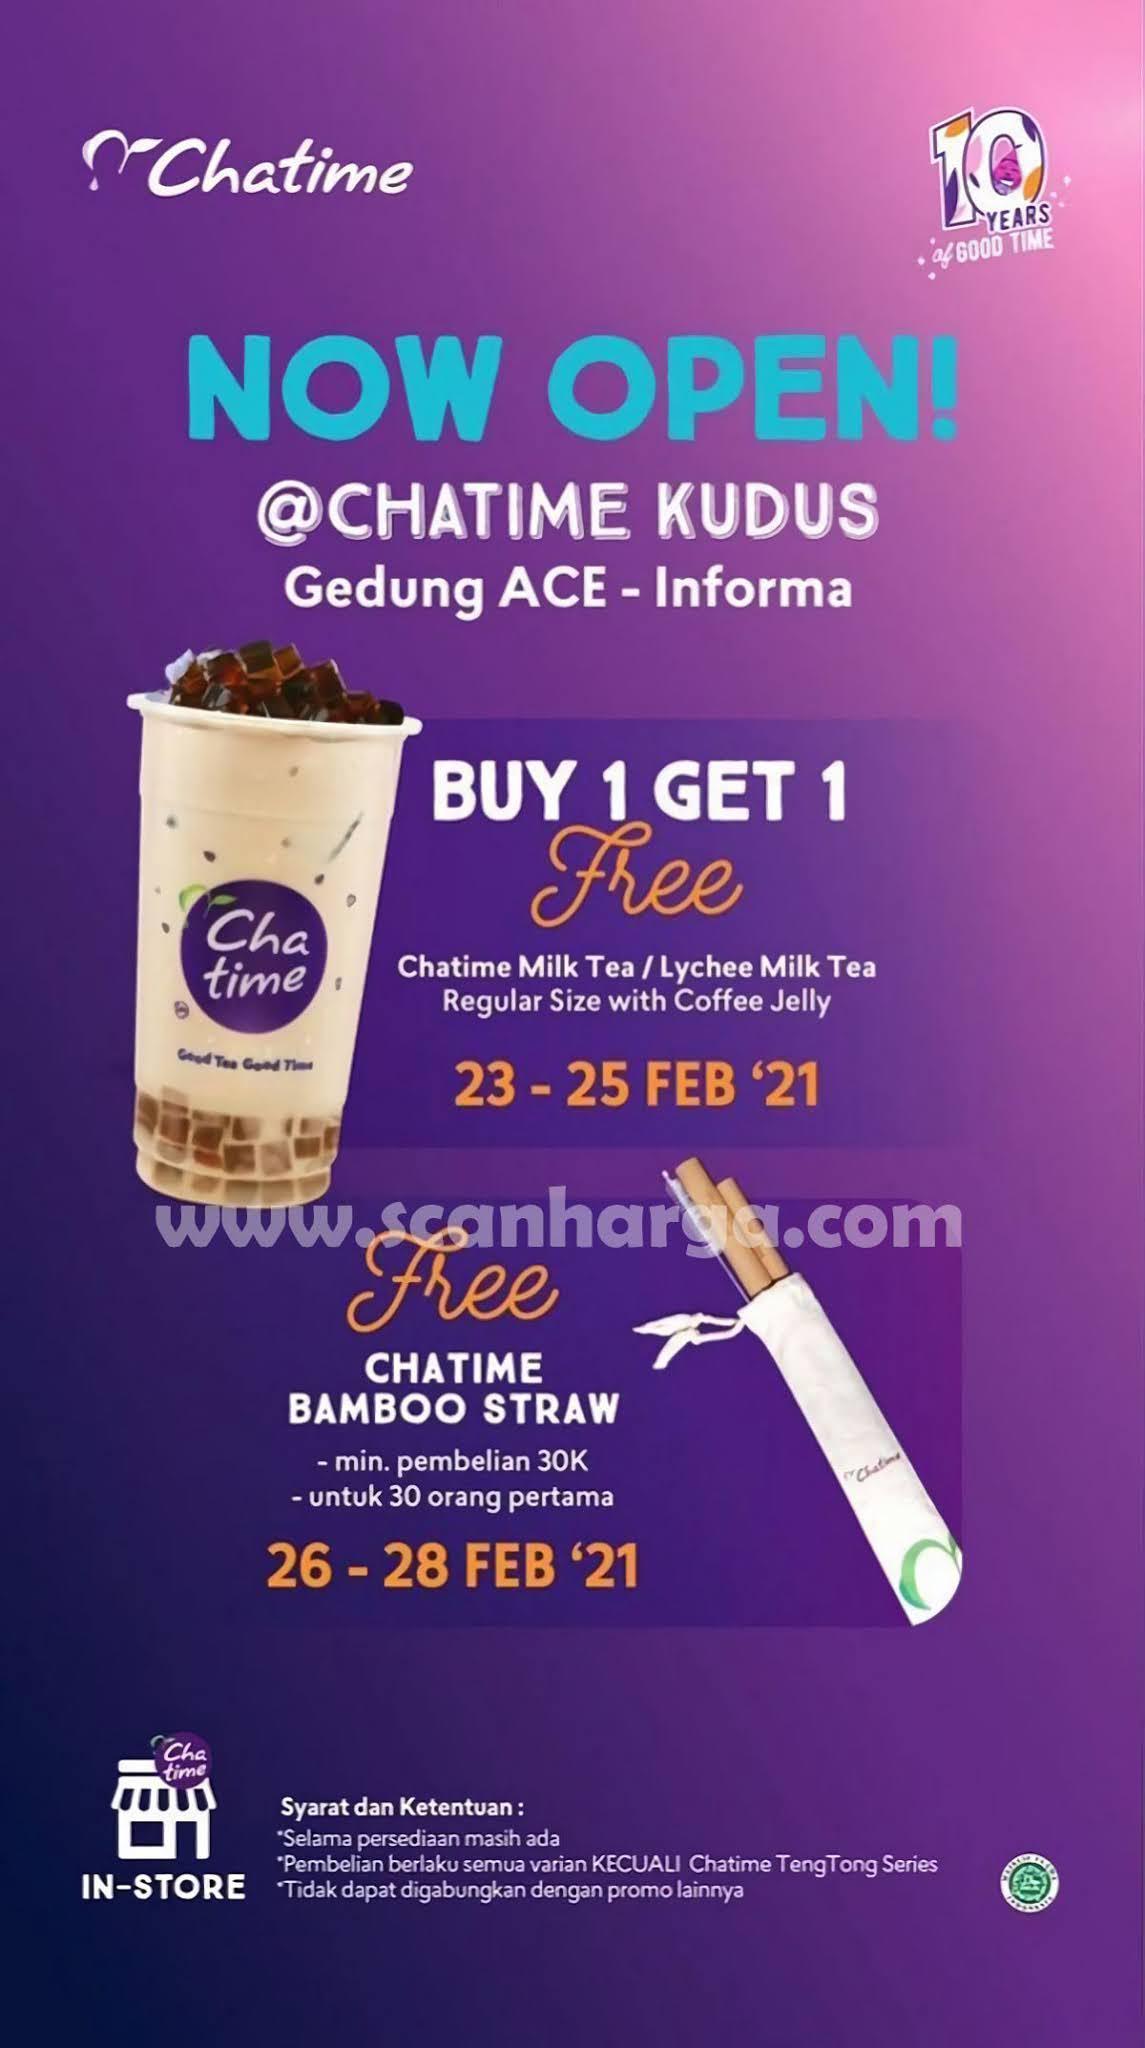 CHATIME KUDUS Living Plaza Ace Informa Opening Promo Beli 1 Gratis 1